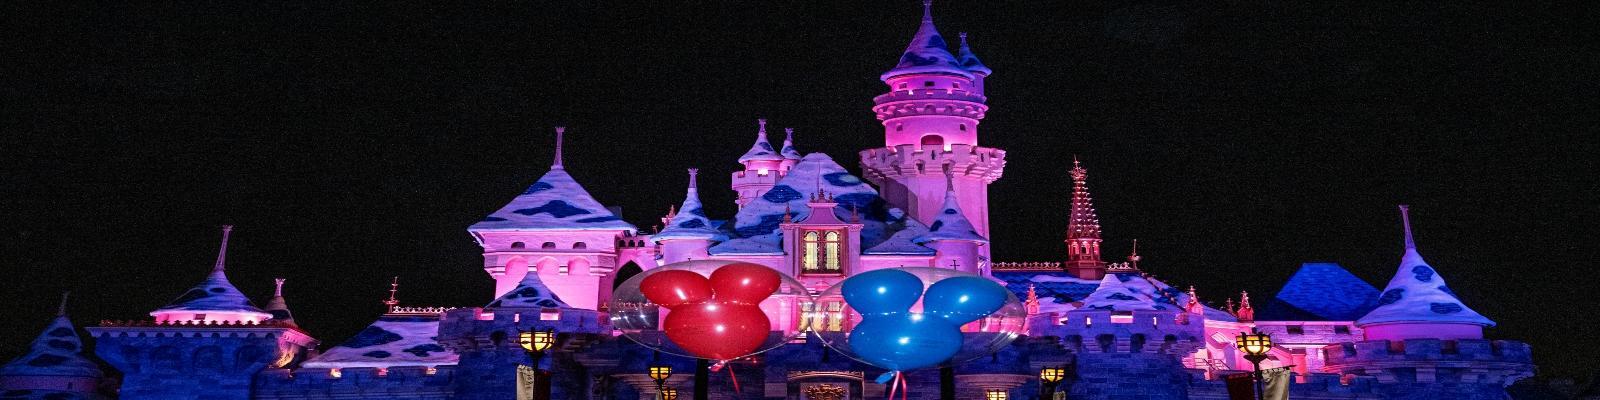 Disneyland Resort Anaheim